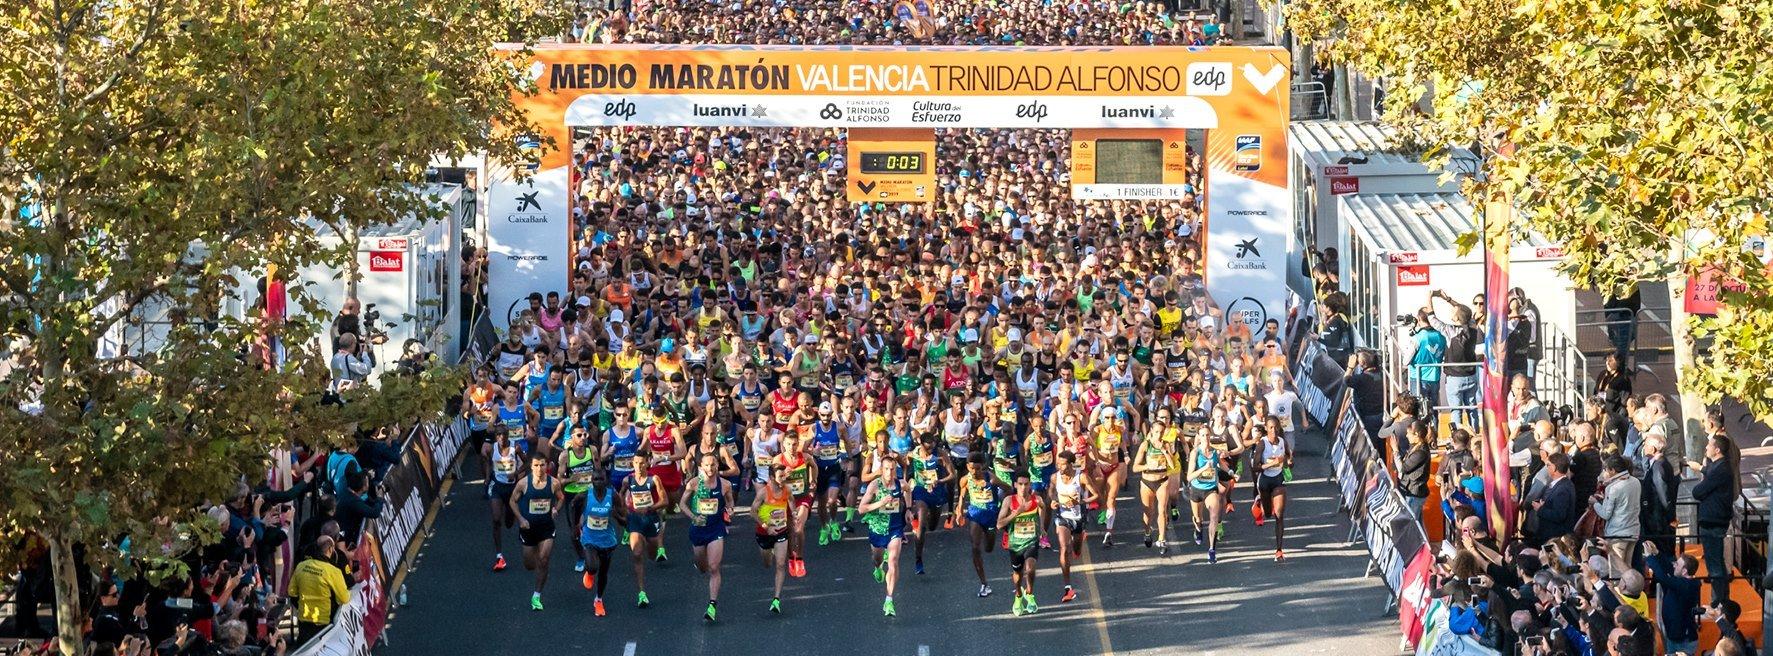 Cancelado el Medio Maratón de Valencia que contaba con 20.000 corredores inscritos